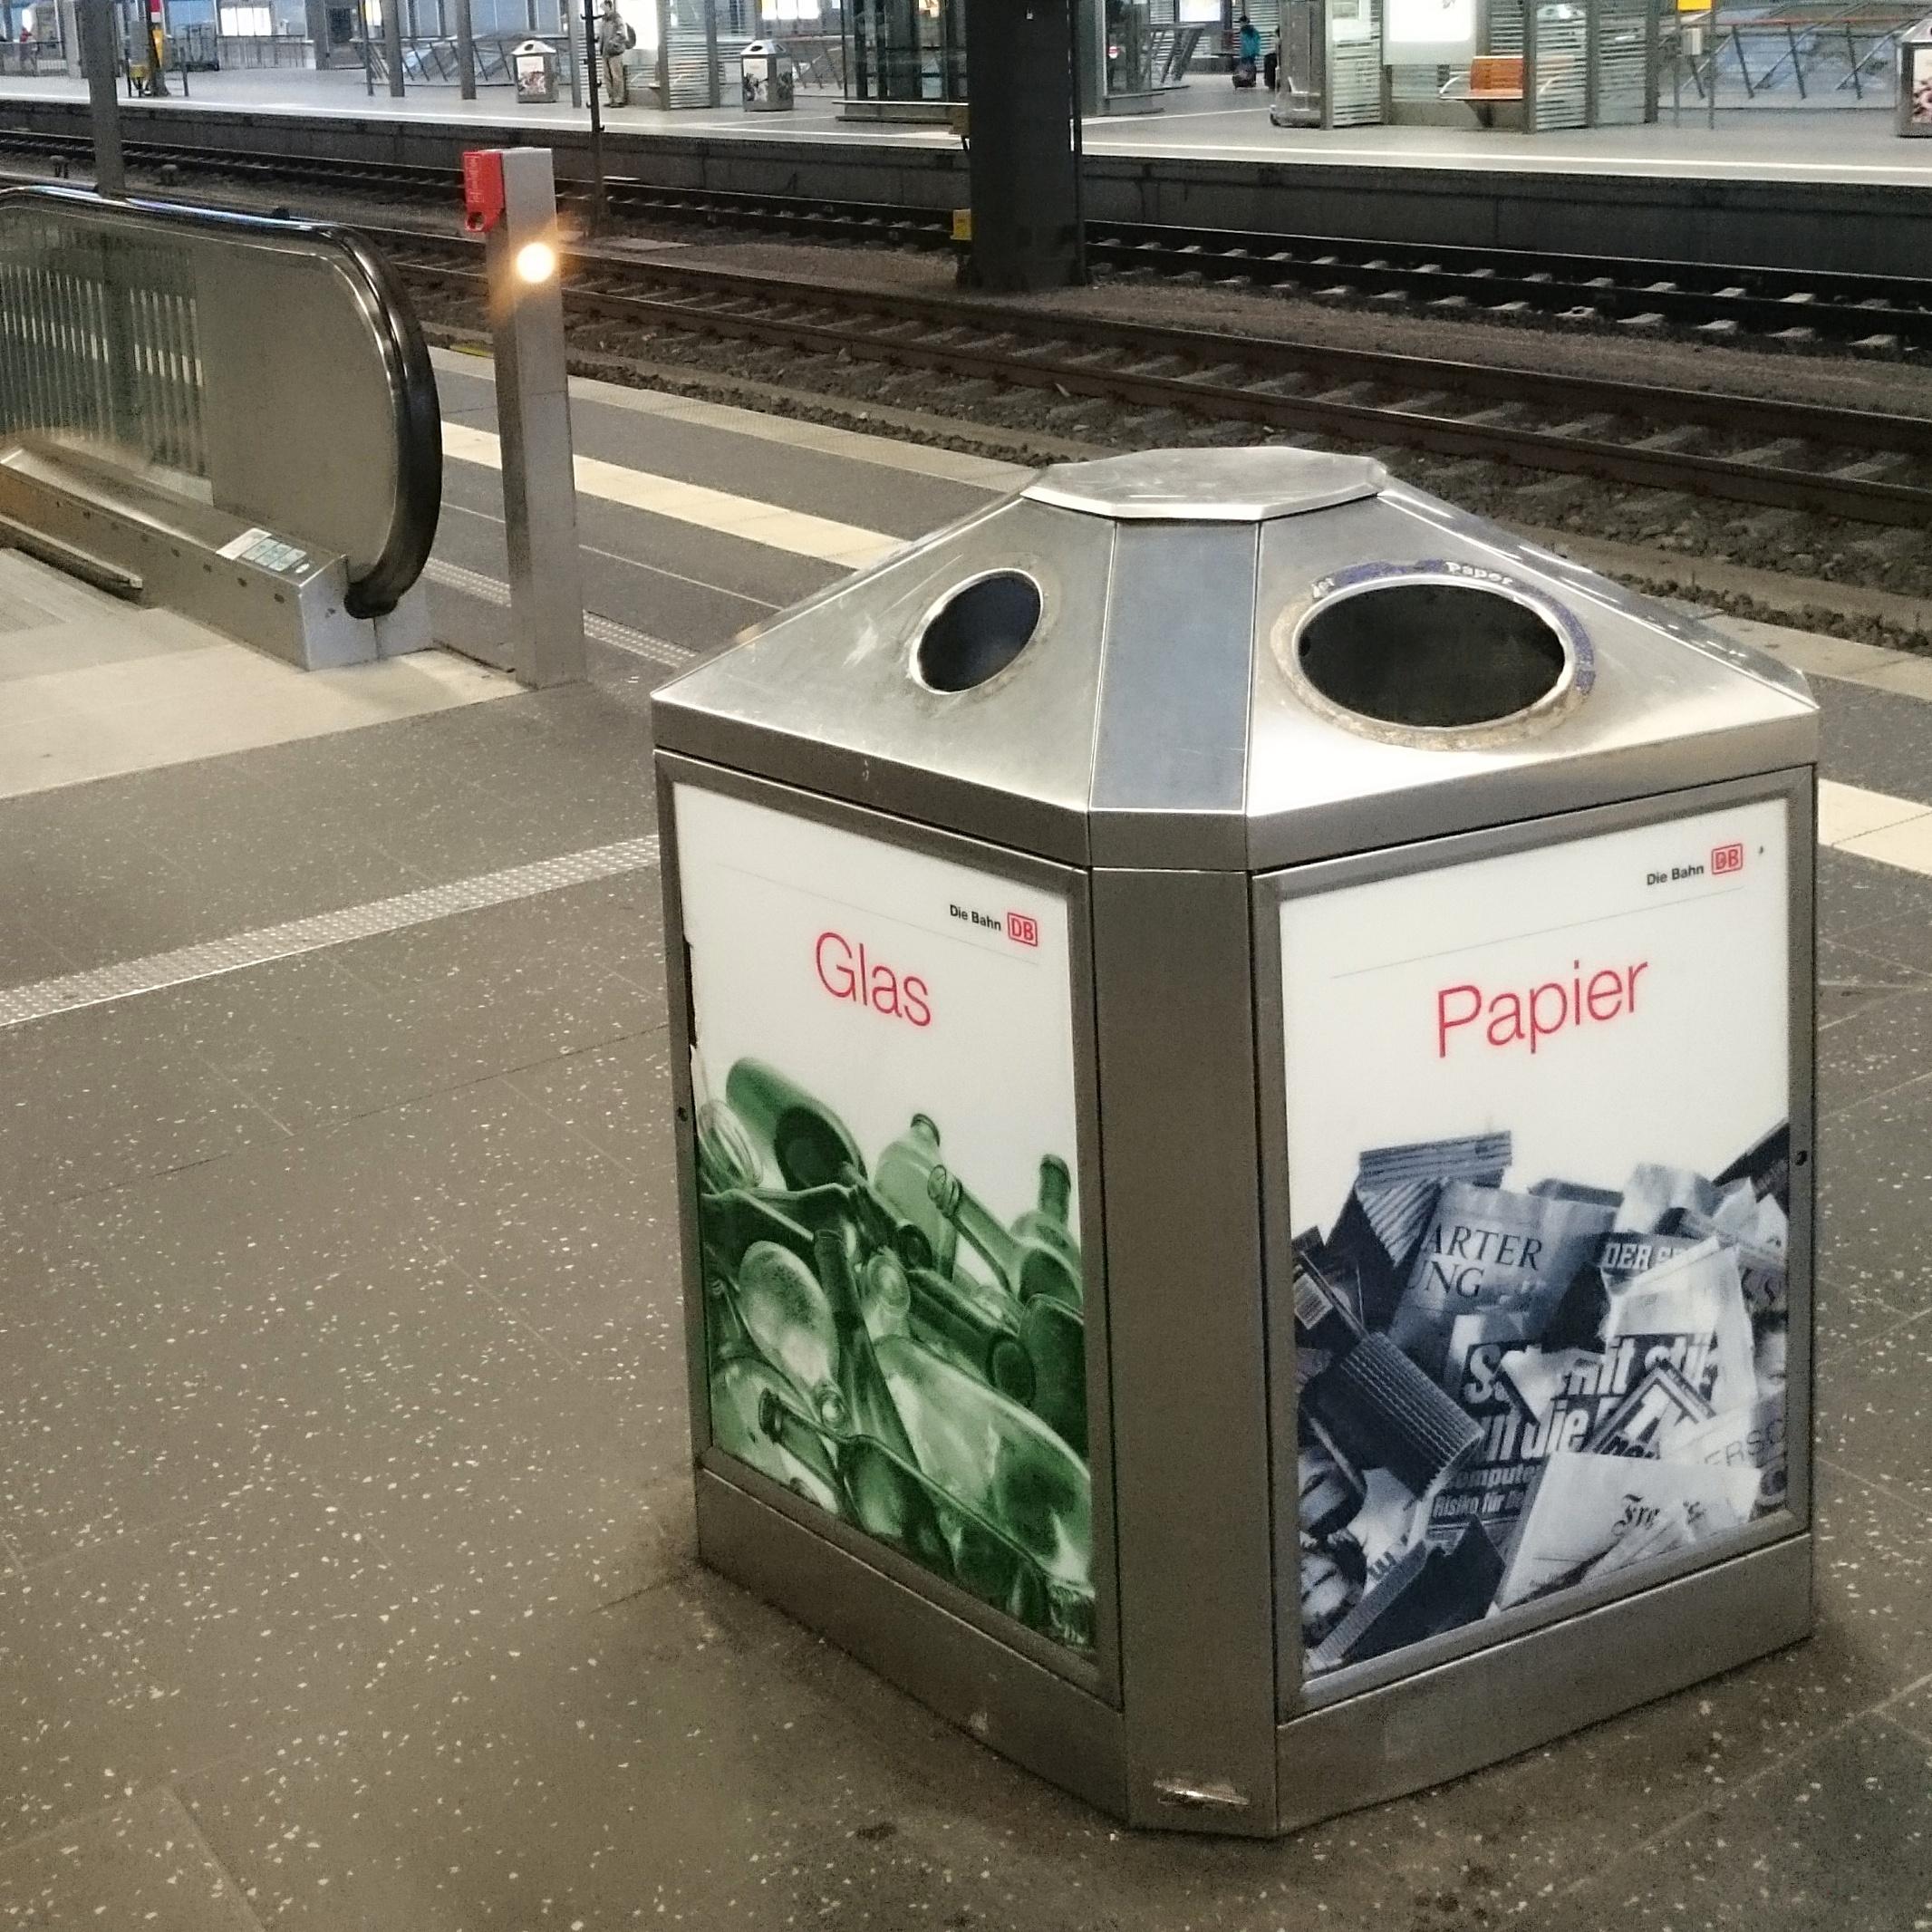 Mülleimer mit Mülltrennung auf dem Erfurter Bahnhof